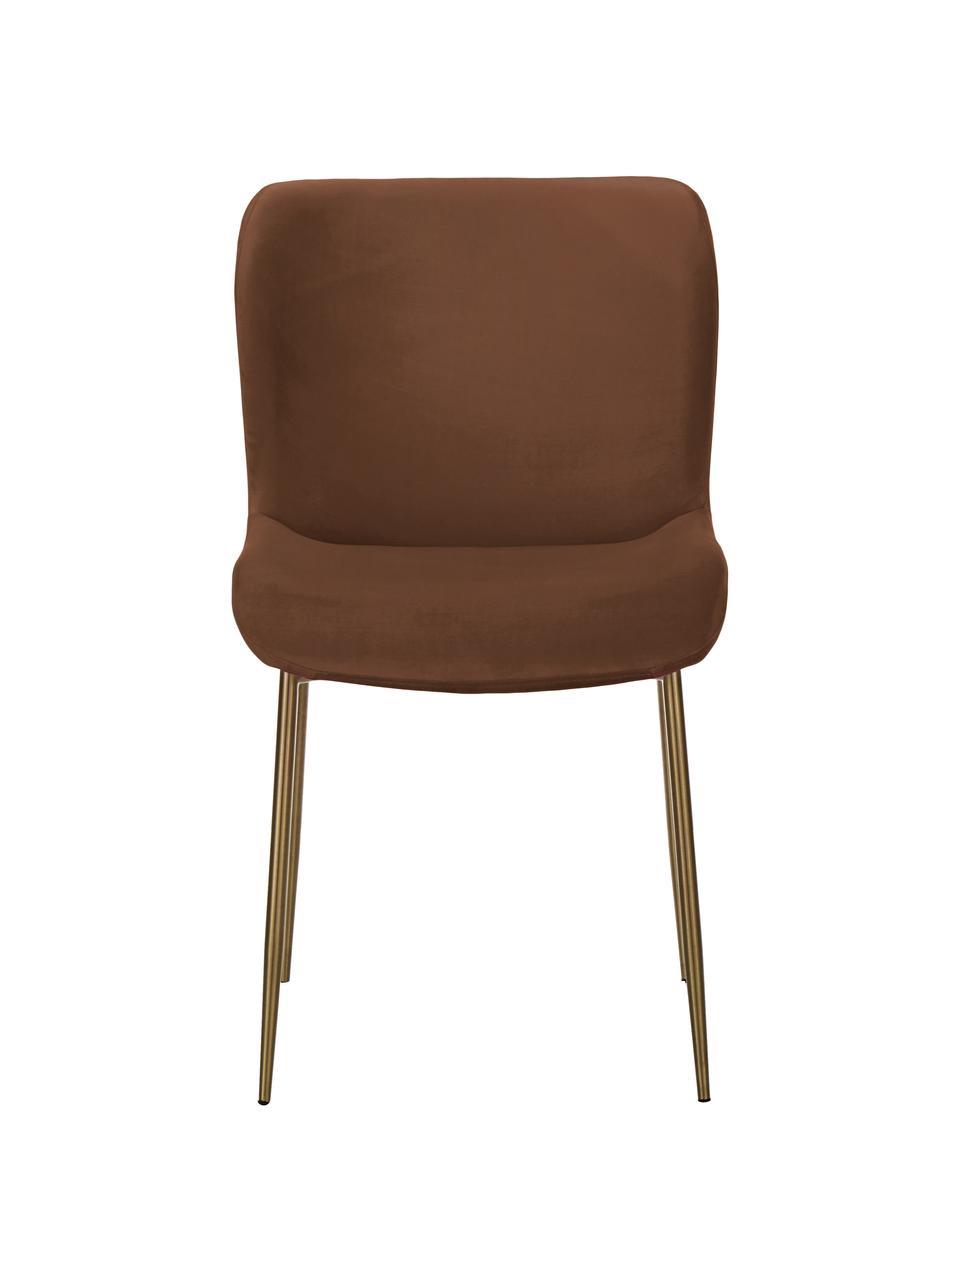 Fluwelen stoel Tess in bruin, Bekleding: fluweel (polyester), Poten: gepoedercoat metaal, Fluweel bruin, goudkleurig, 49 x 84 cm